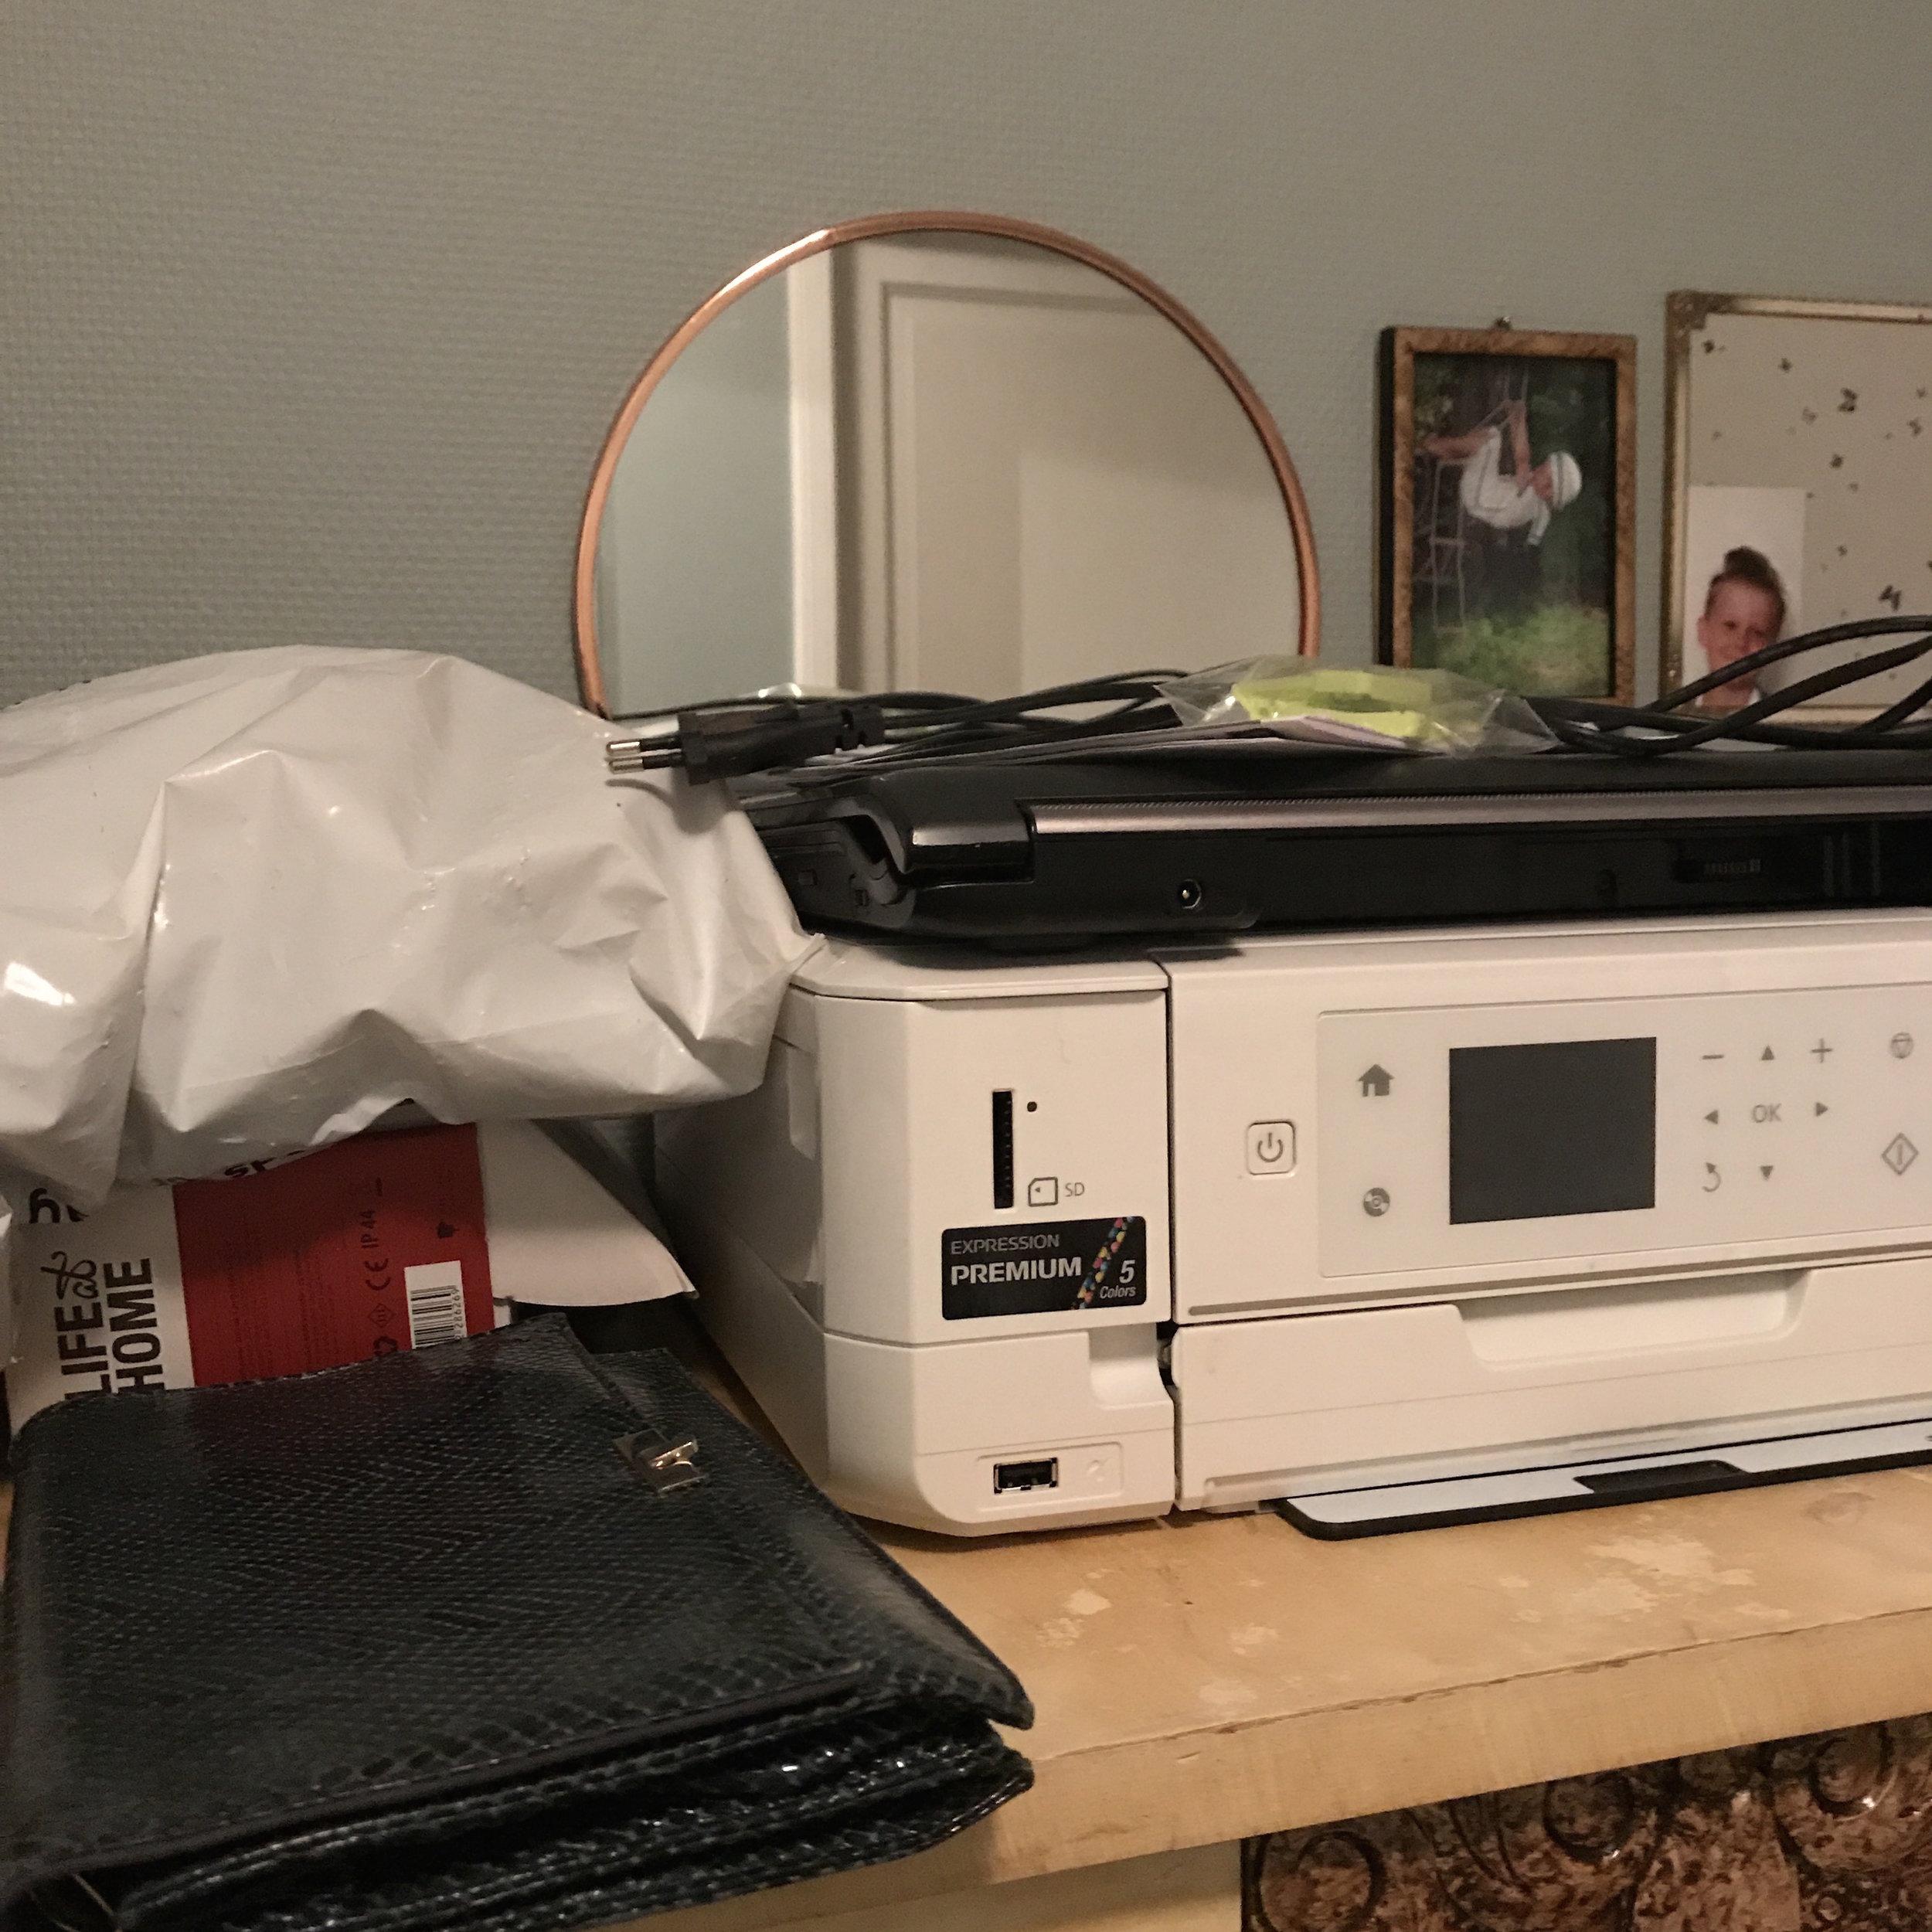 """Midlertidig rot på gangen, ting """"på vei ut"""" trenger du en bra, lite brukt printer/scanner? Jeg seger min :) Eller hva med en italiensk vintage skinnveske? :) Tålmodighet, det lønner seg for lommebok og miljø."""